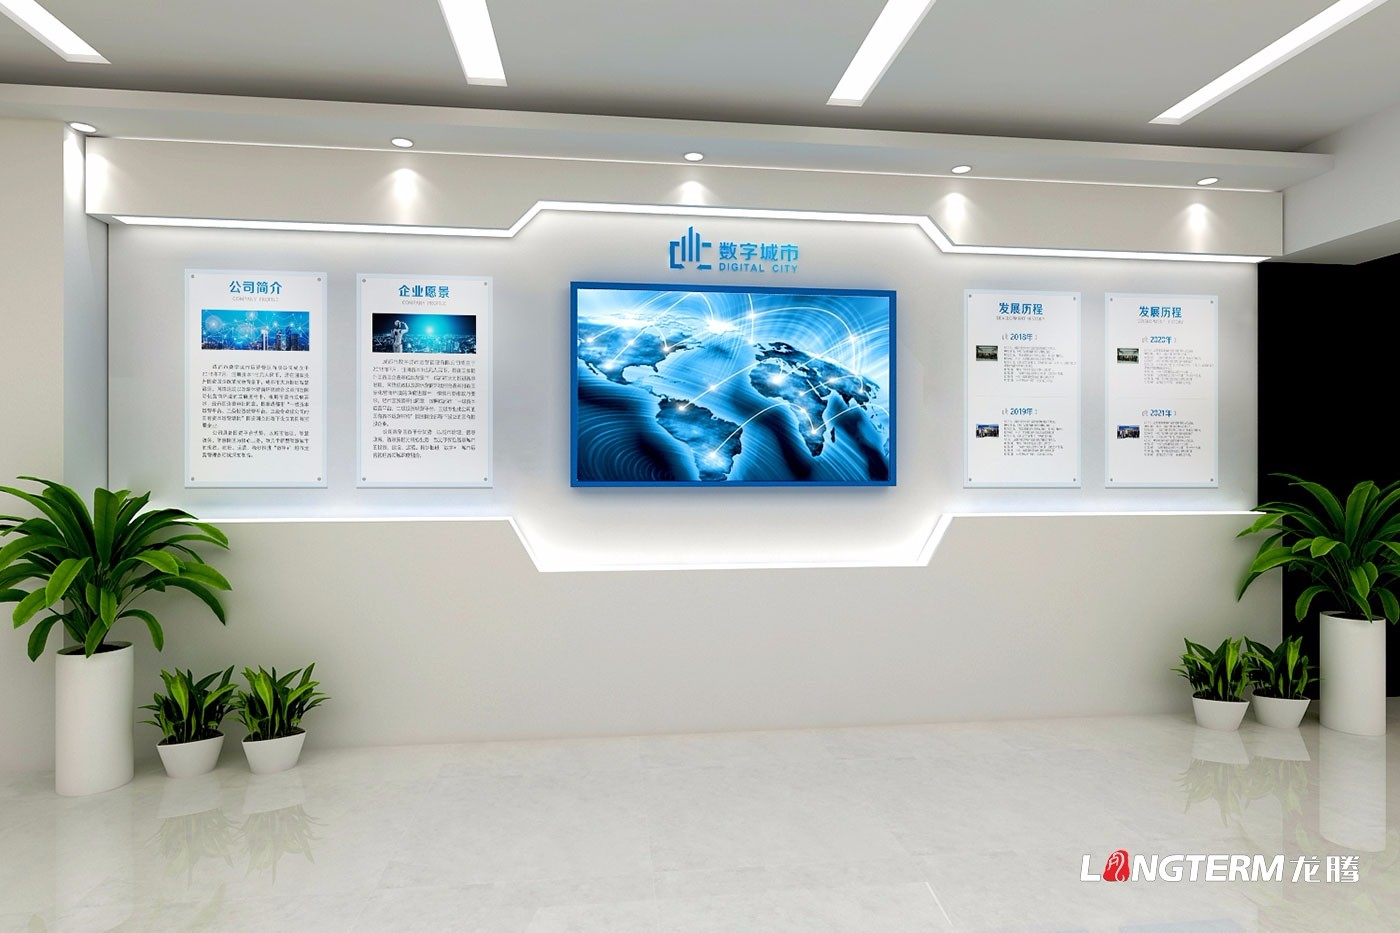 成都企业乐鱼app在线登录建设_集团公司乐鱼app在线登录墙、照片墙、楼梯过道、走廊乐鱼app在线登录、大厅形象墙乐鱼电脑版制作及施工安装